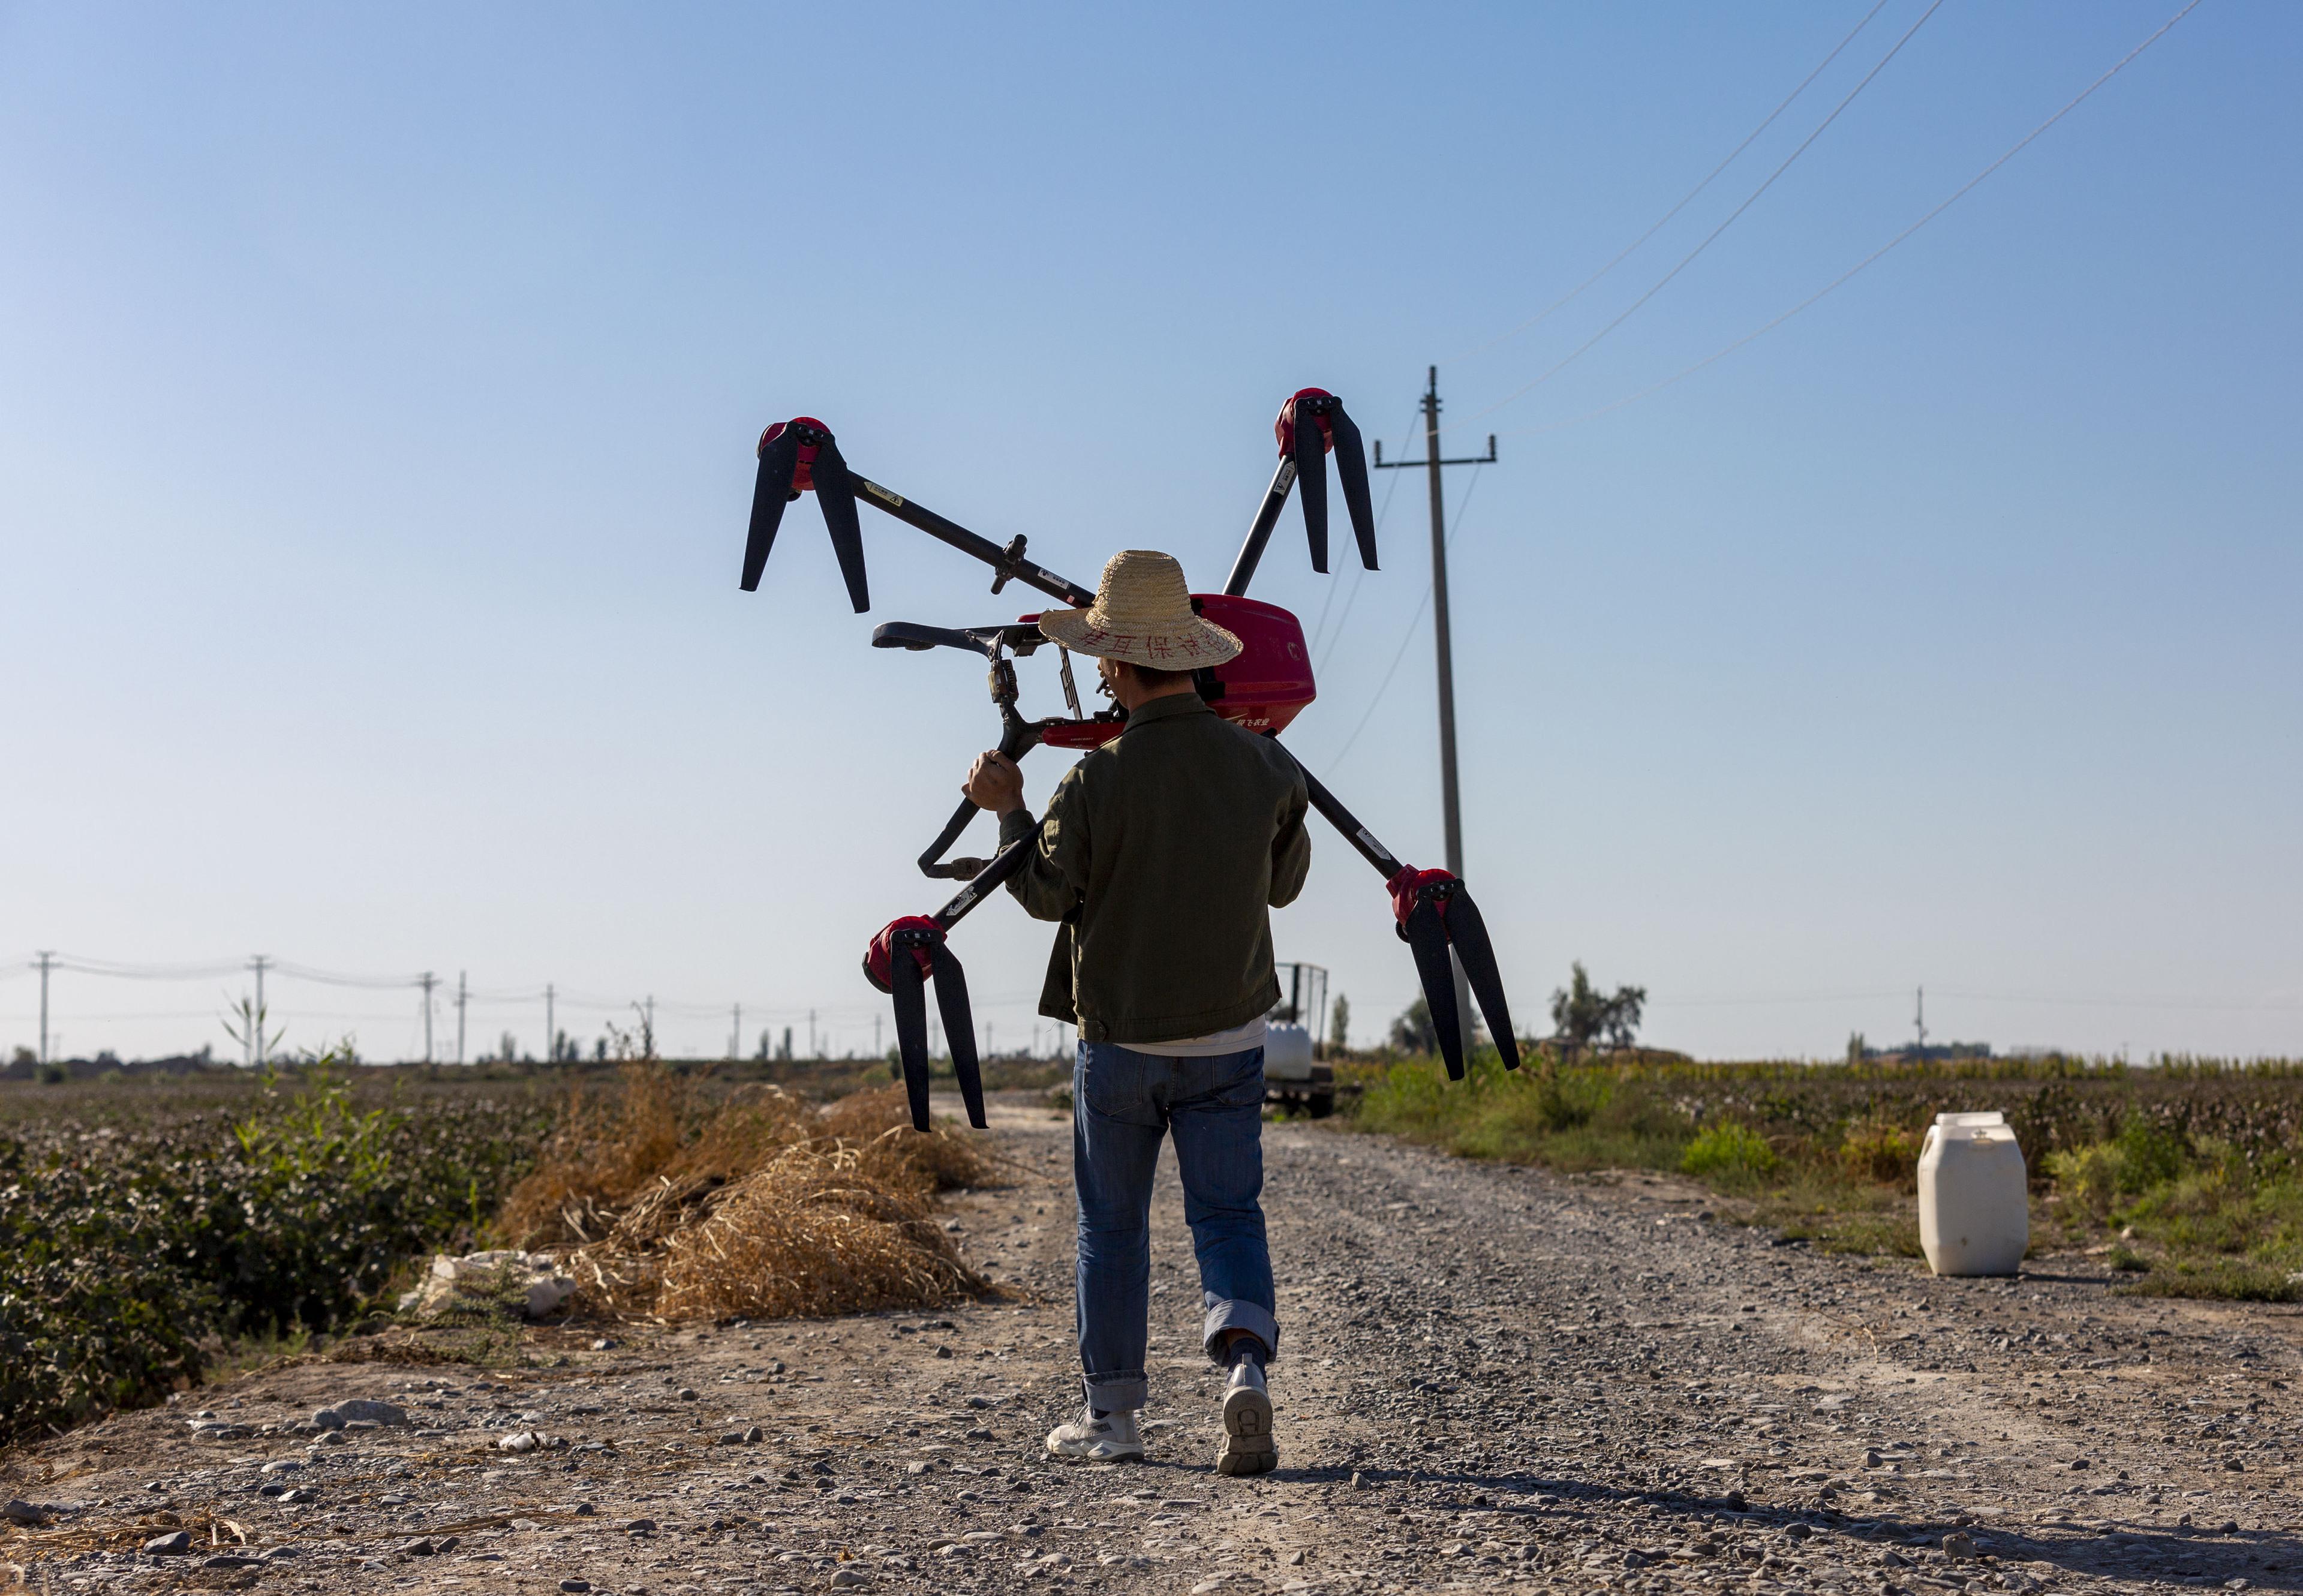 科技催生职业农民:第一批在农田